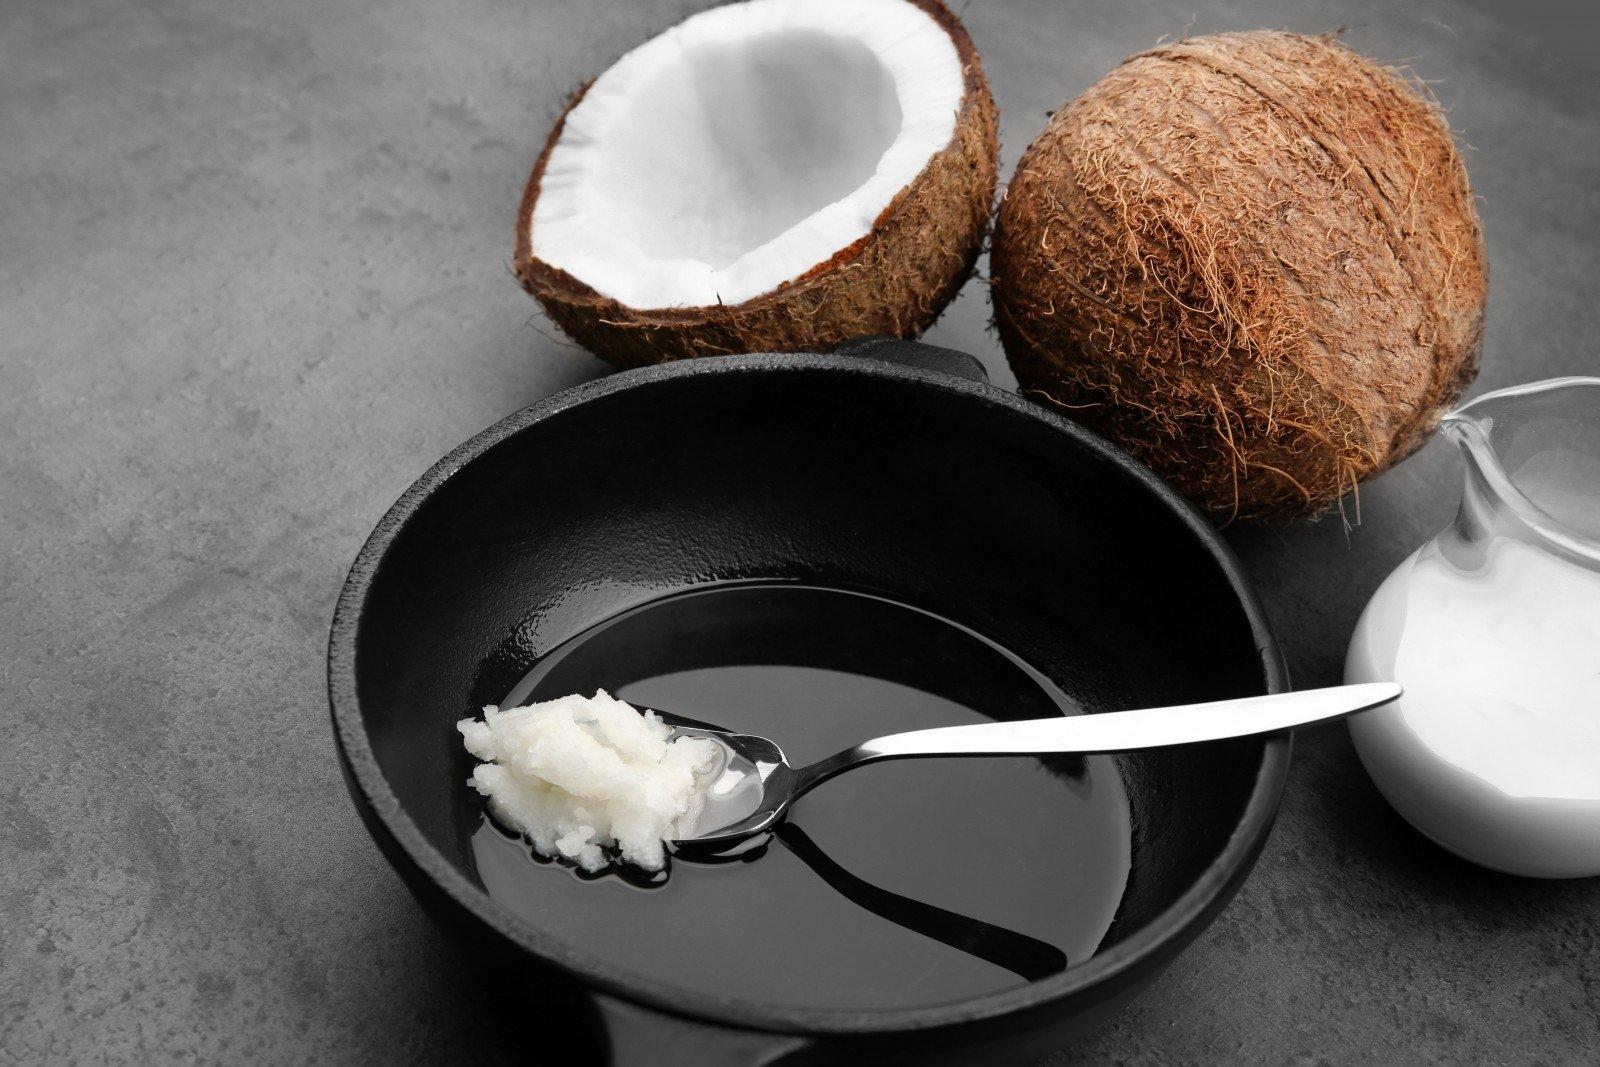 kokosų aliejus naudingas širdies sveikatai